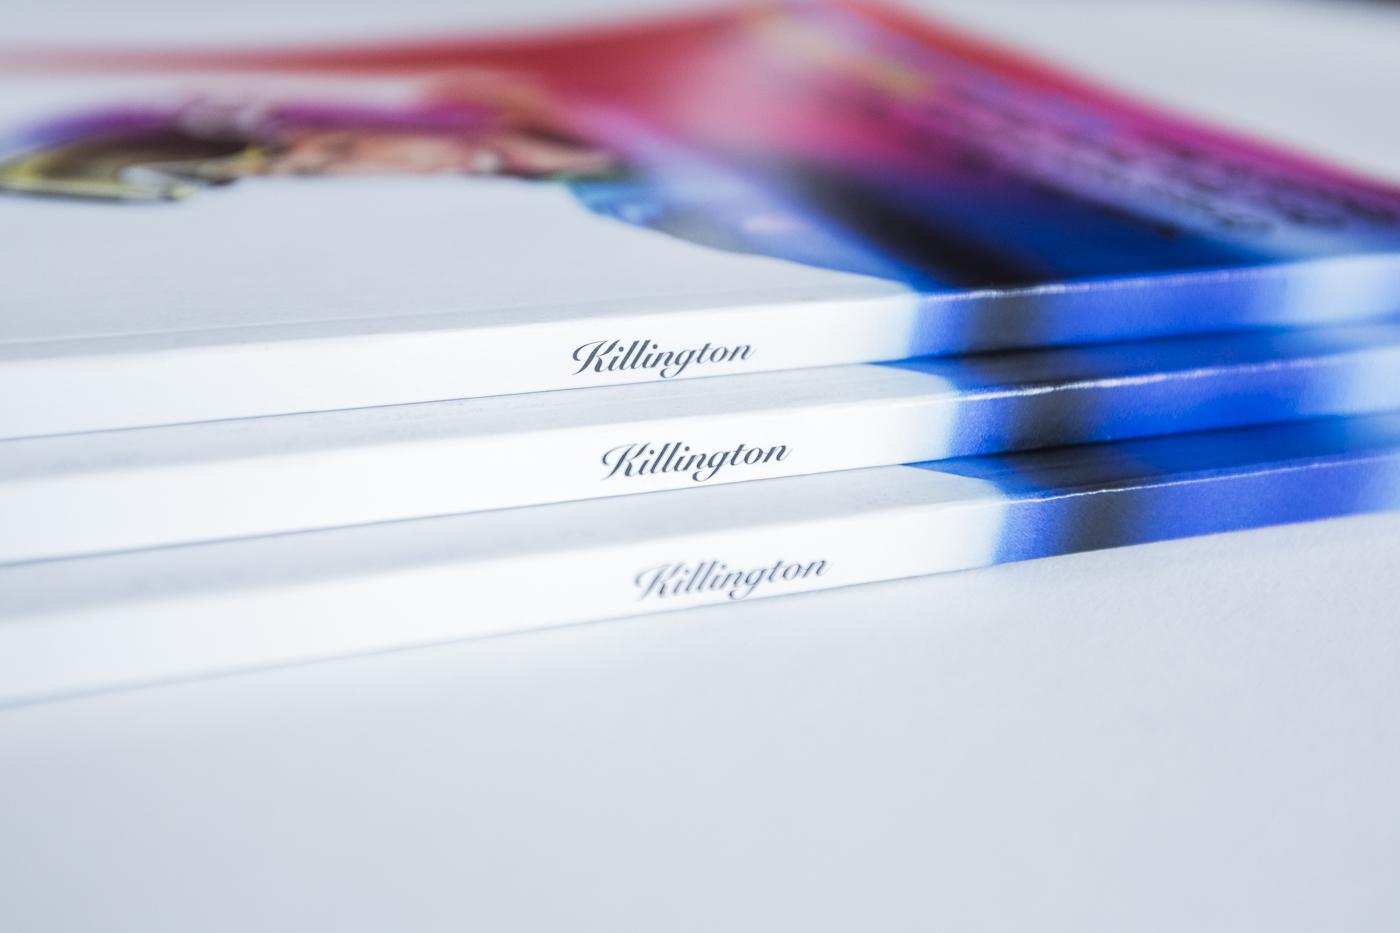 Killington 4241 Buttery Agency_V7A4981.jpg